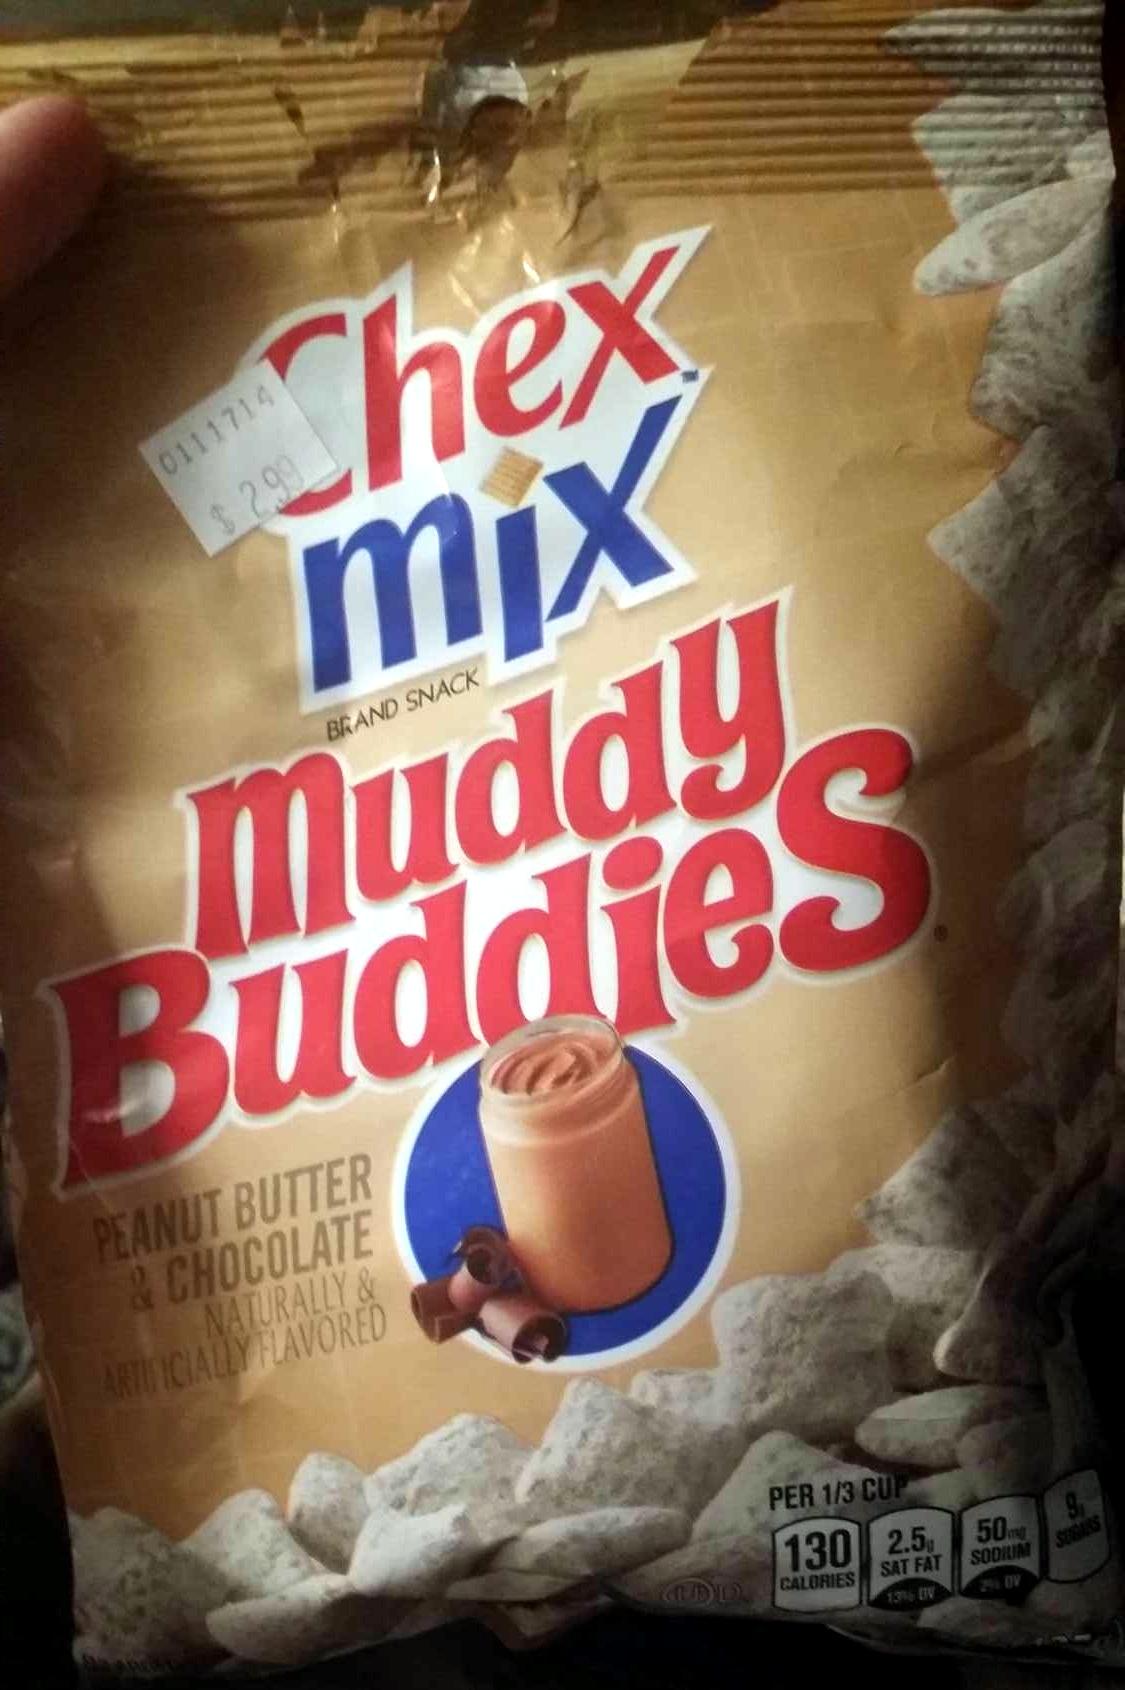 Chex Mix Muddy Buddies - Product